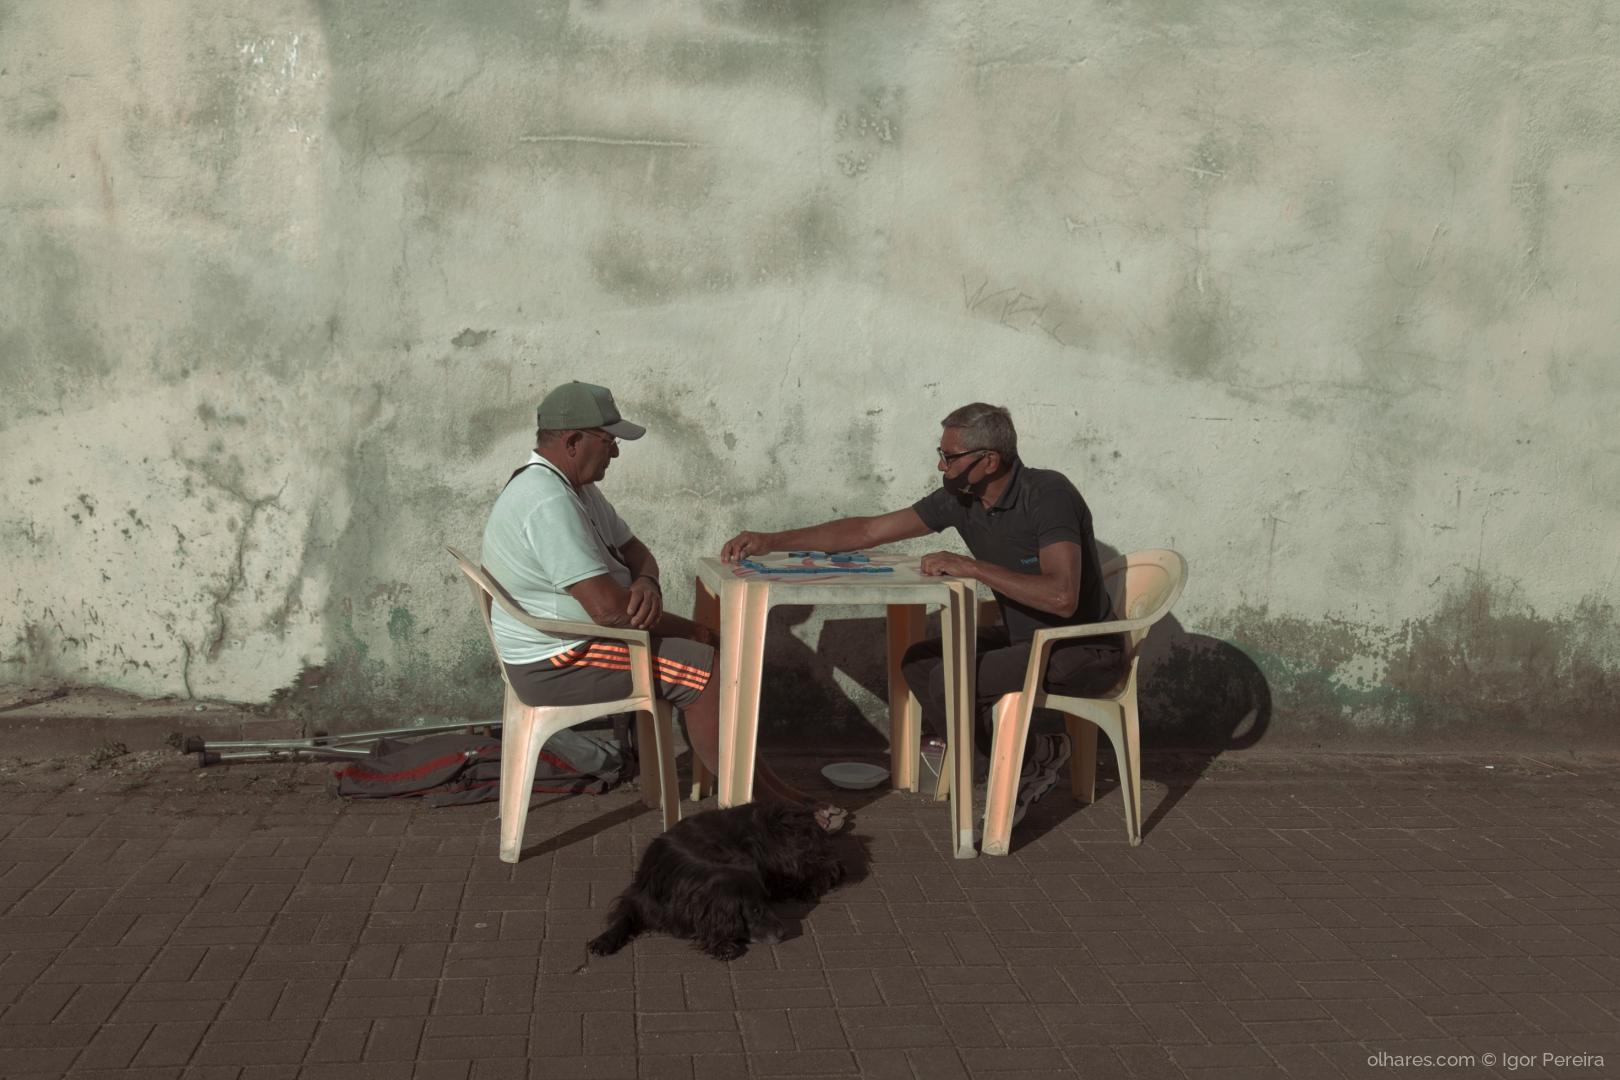 Fotografia de Rua/Domingo e Domino